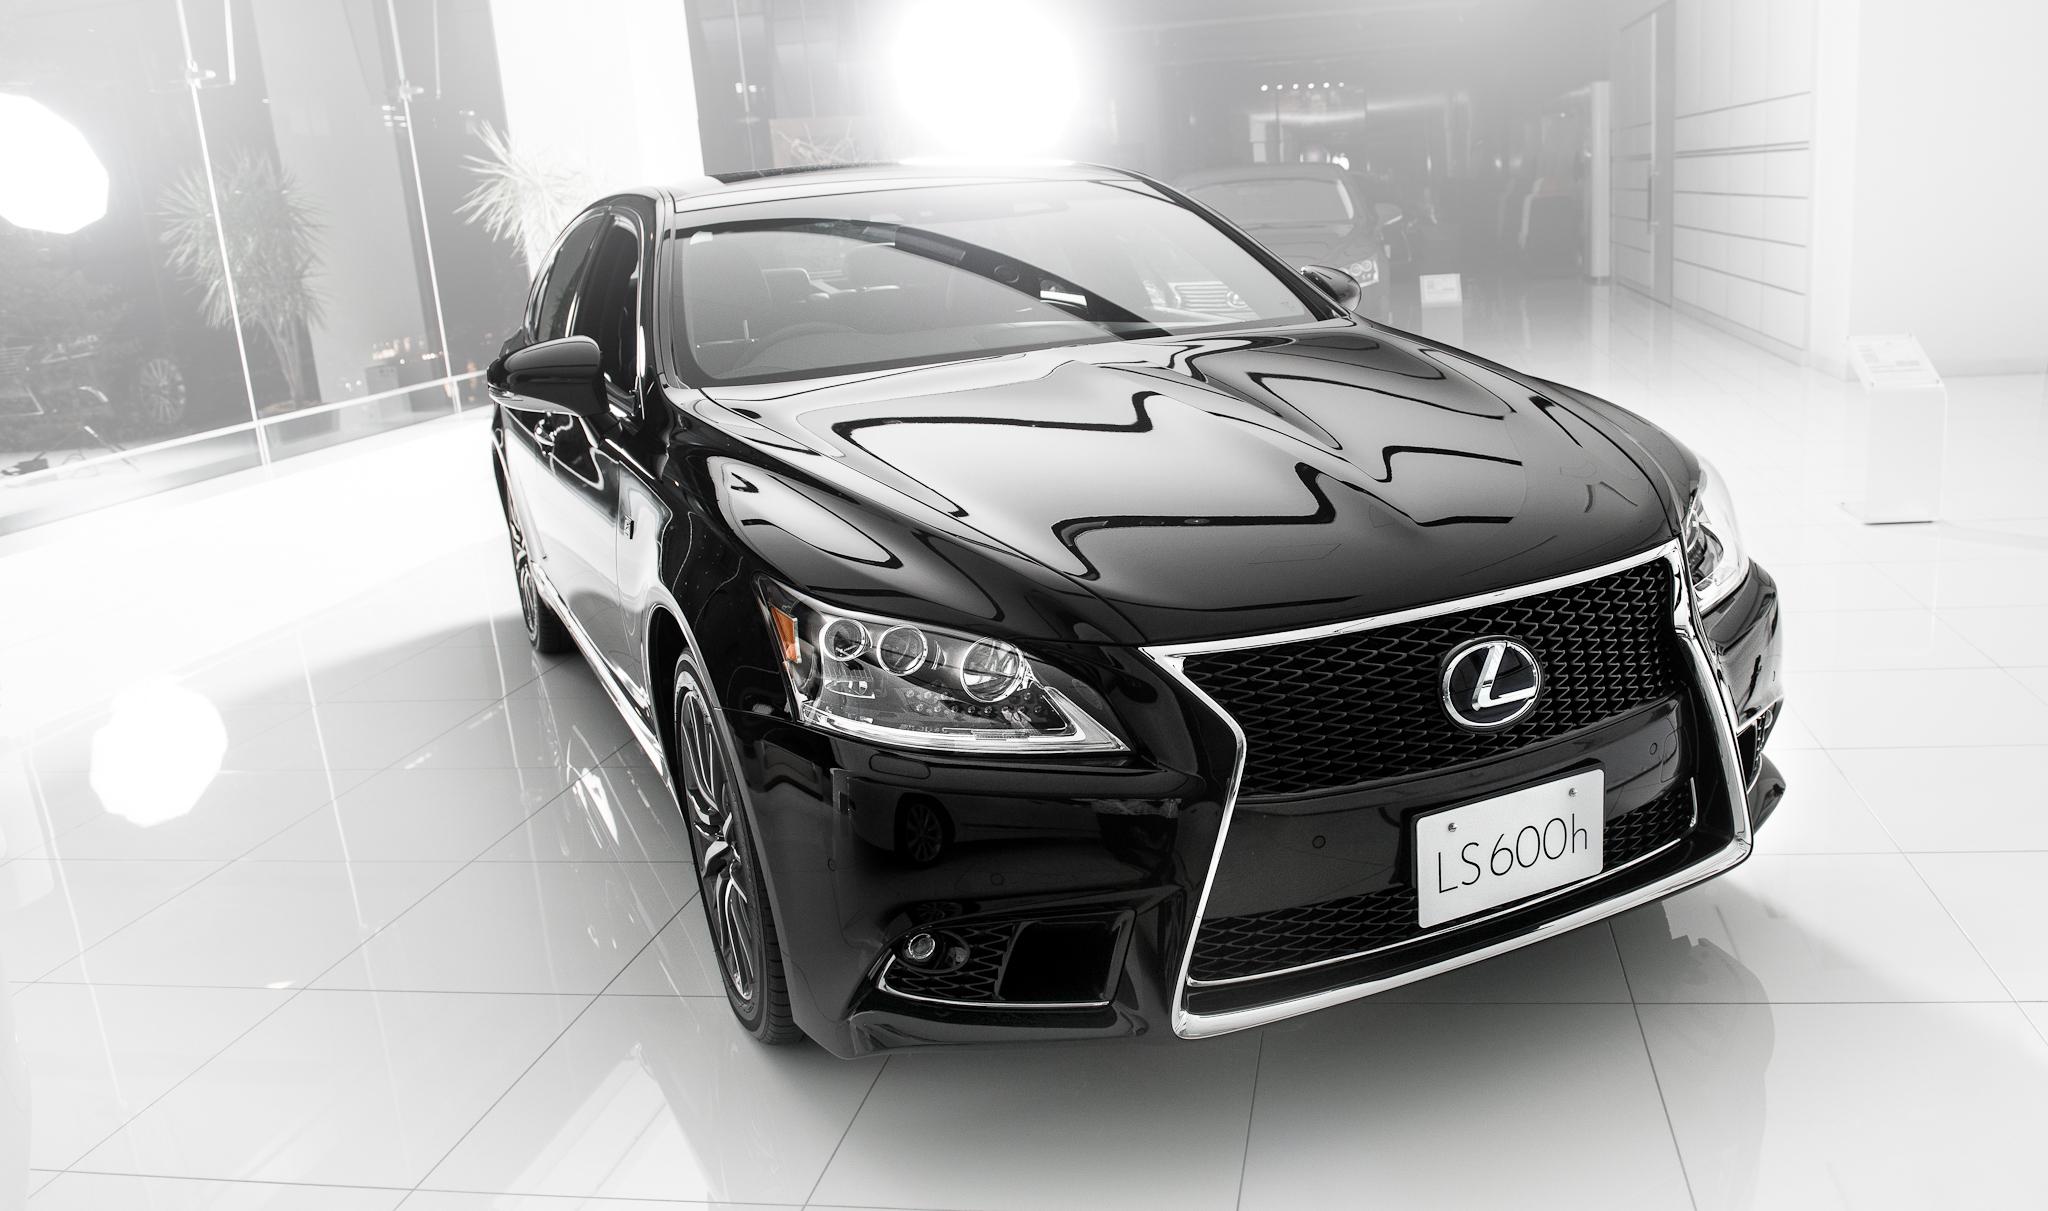 بالصور صور سيارة لكزس , اجمل انواع السيارات اليابانية 3556